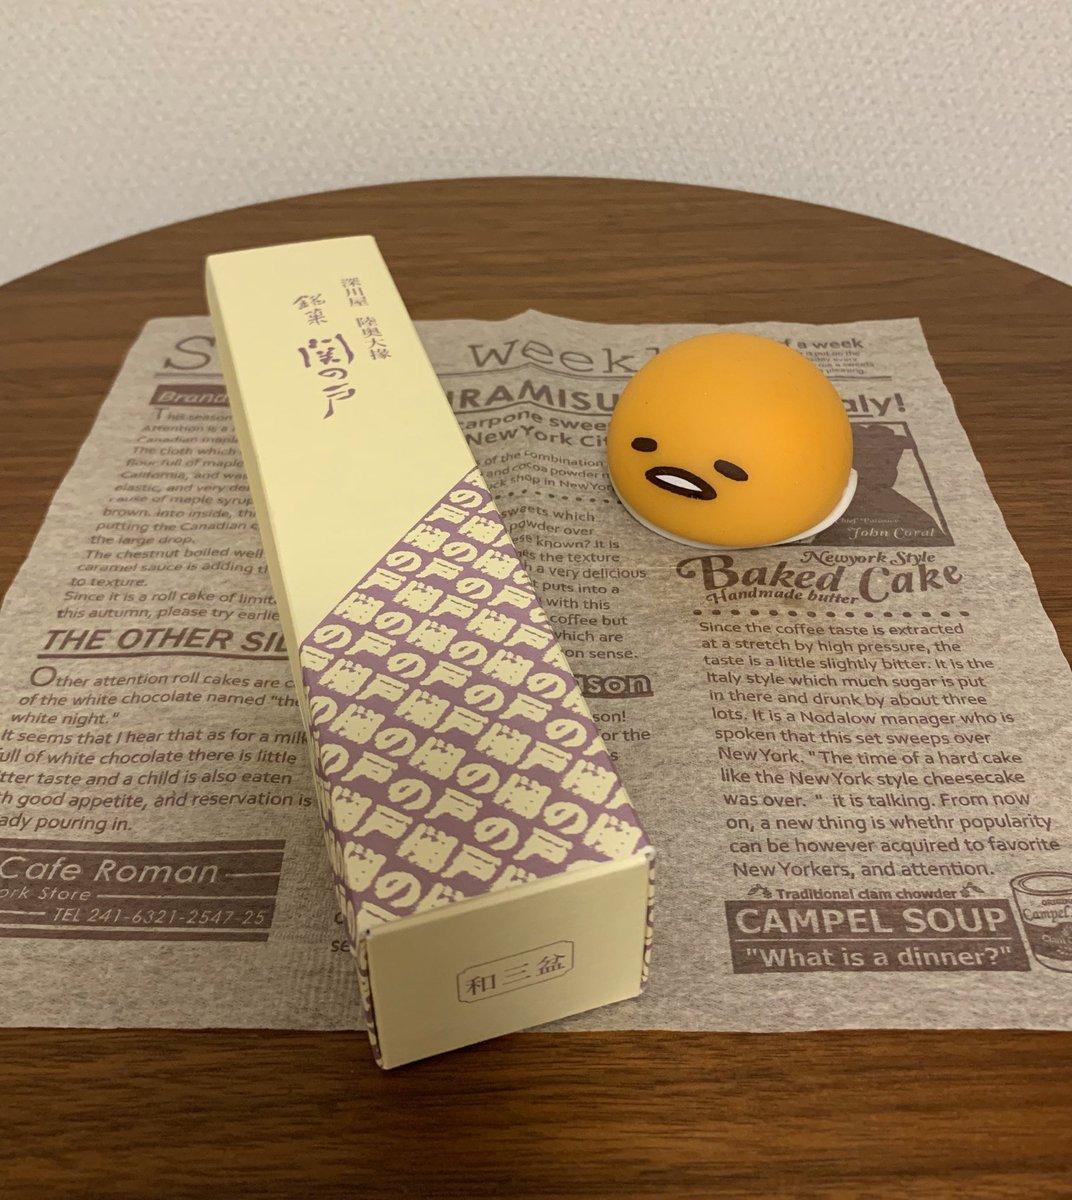 test ツイッターメディア - 【🎞おさんぽの思い出🤳】0045 ニセニセさん東へ行く🚶♂️〜番外編 🗻東海道を五十三次する  もちたまさんへのおみやげ🎁 深川屋 関の戸〜関  あんこを 和三盆でくるんだ 甘いお菓子😋  #ぐでたま https://t.co/yJC4bS26e3